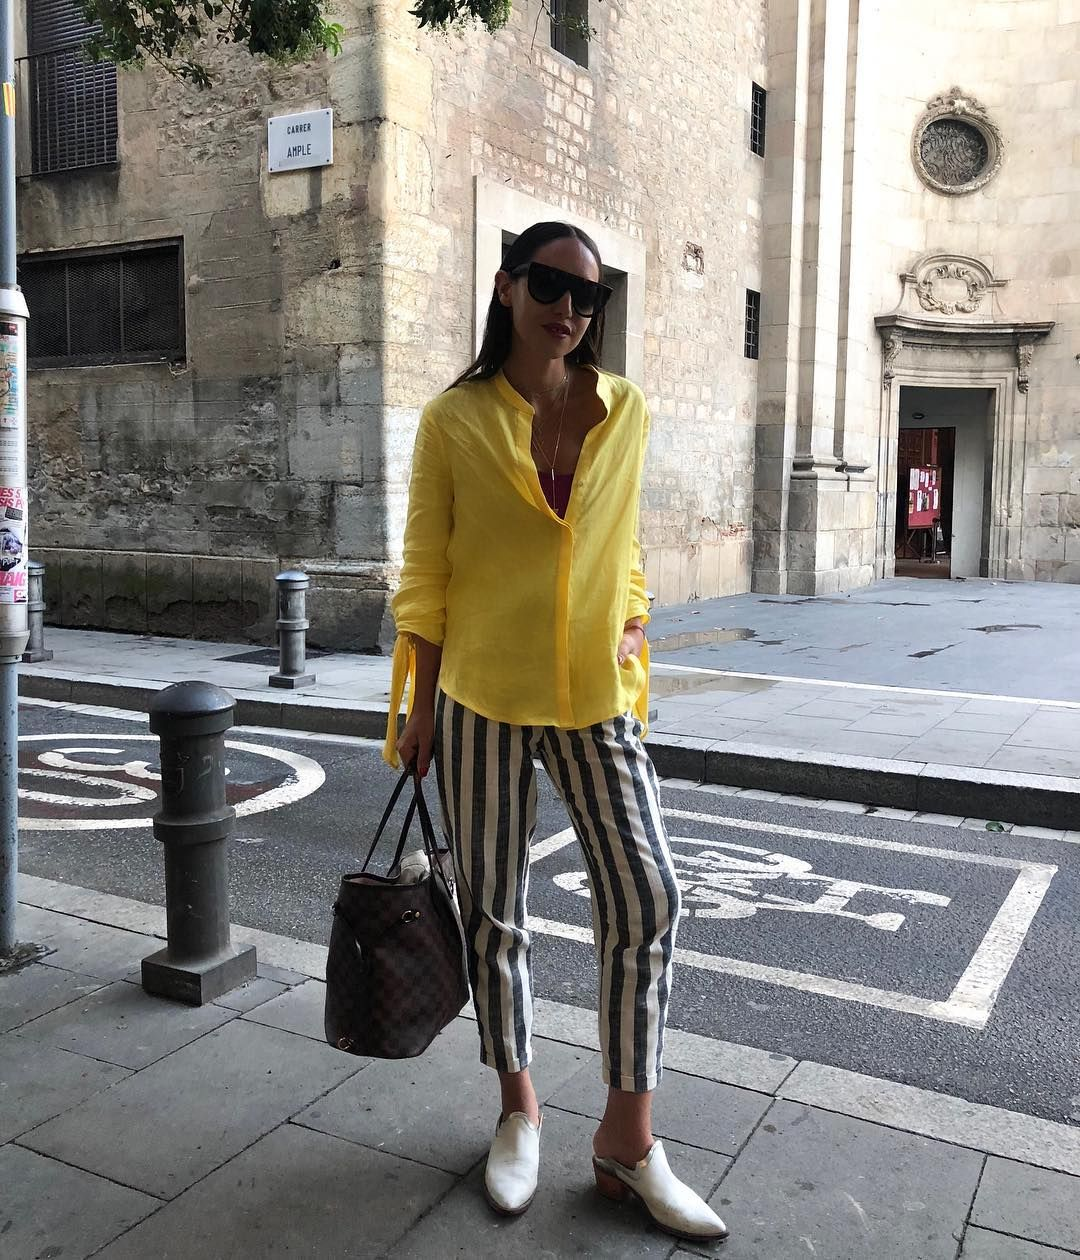 Con Este Color Amarillo Que Pide Verano Y Desde Arriba Del Avión Por Suerte Hay Wifi Me Despido De Este Eurotrip Feliz De Haber Est Style Fashion Striped